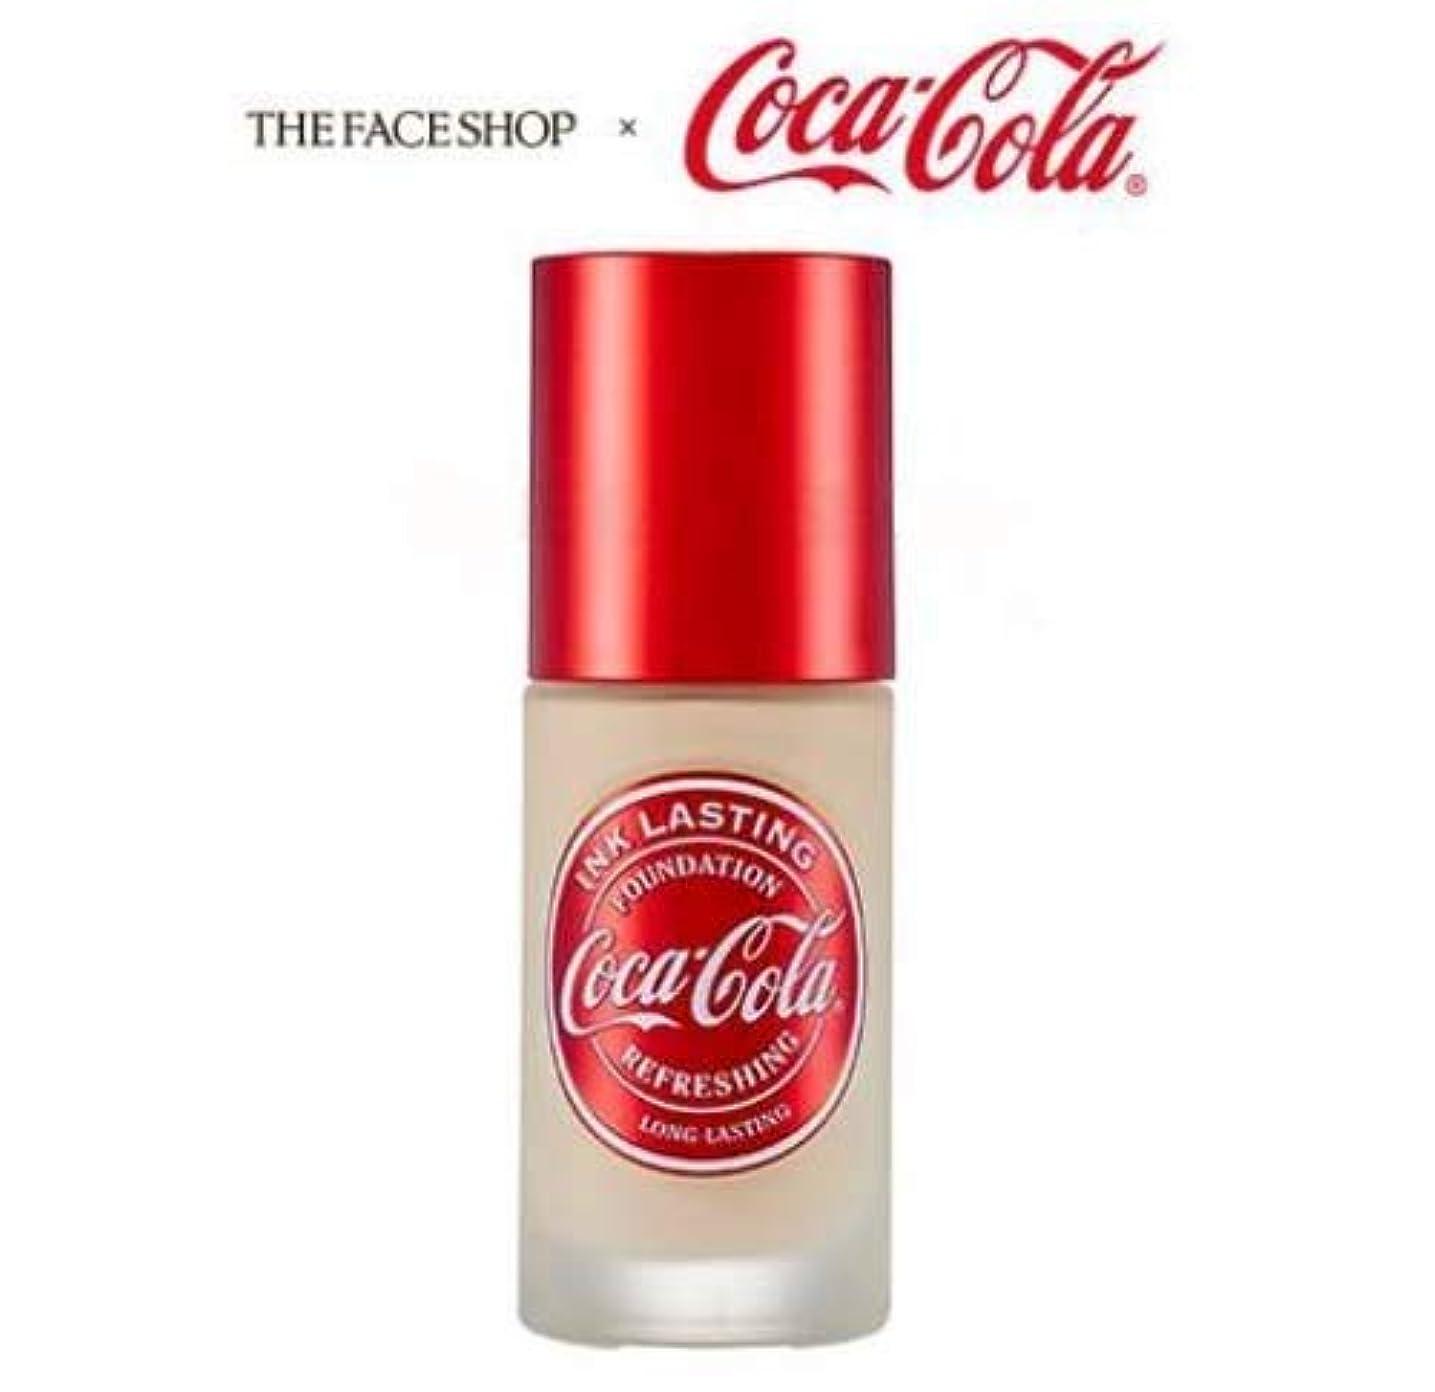 未接続バランスのとれた遺伝的[ザ?フェイスショップ] THE FACE SHOP [コカ?コーラ インクラスティングファンデーション - スリムフィット 30ml] (Coca Cola Ink Lasting Foundation - Slim...